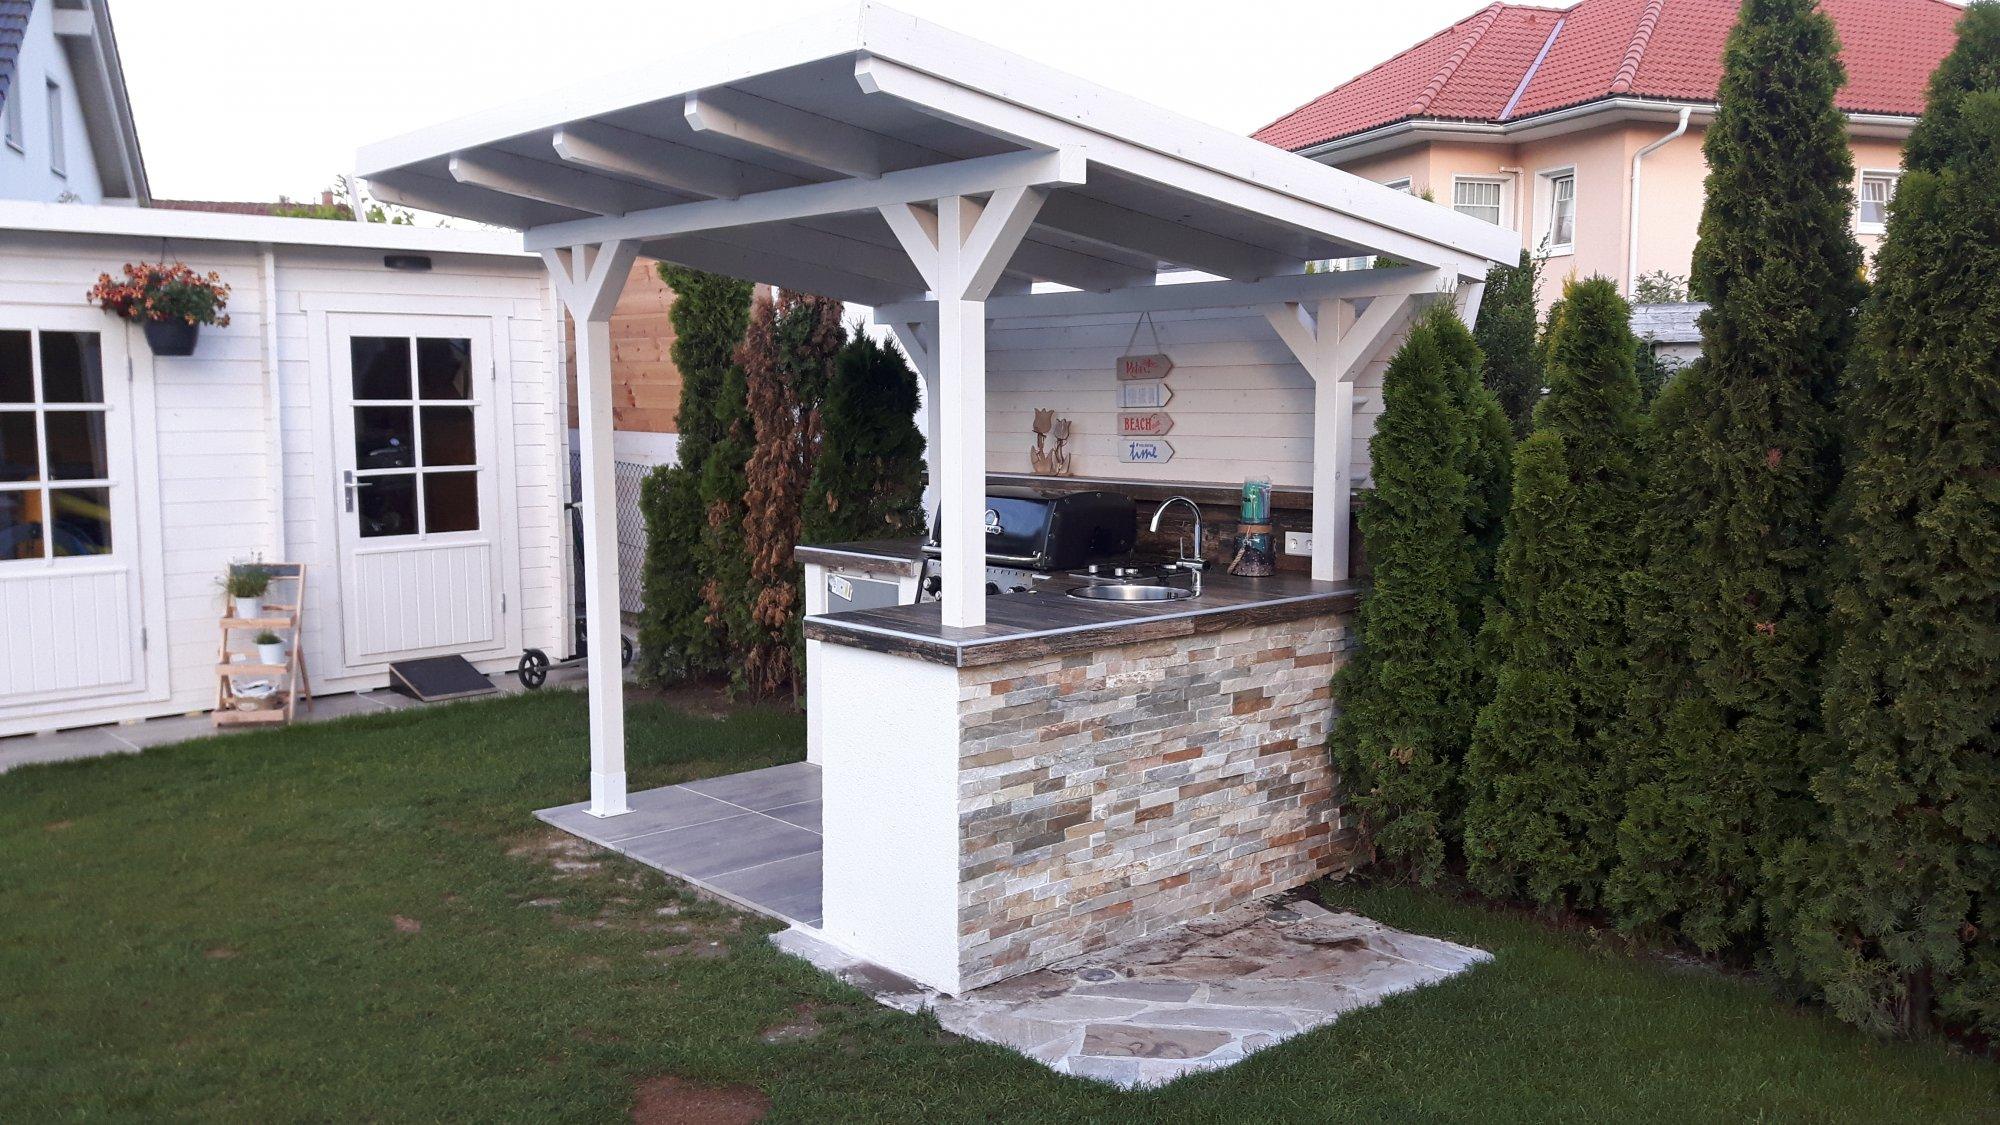 Outdoor Küche Selber Bauen Forum : Outdoor küche selber bauen forum